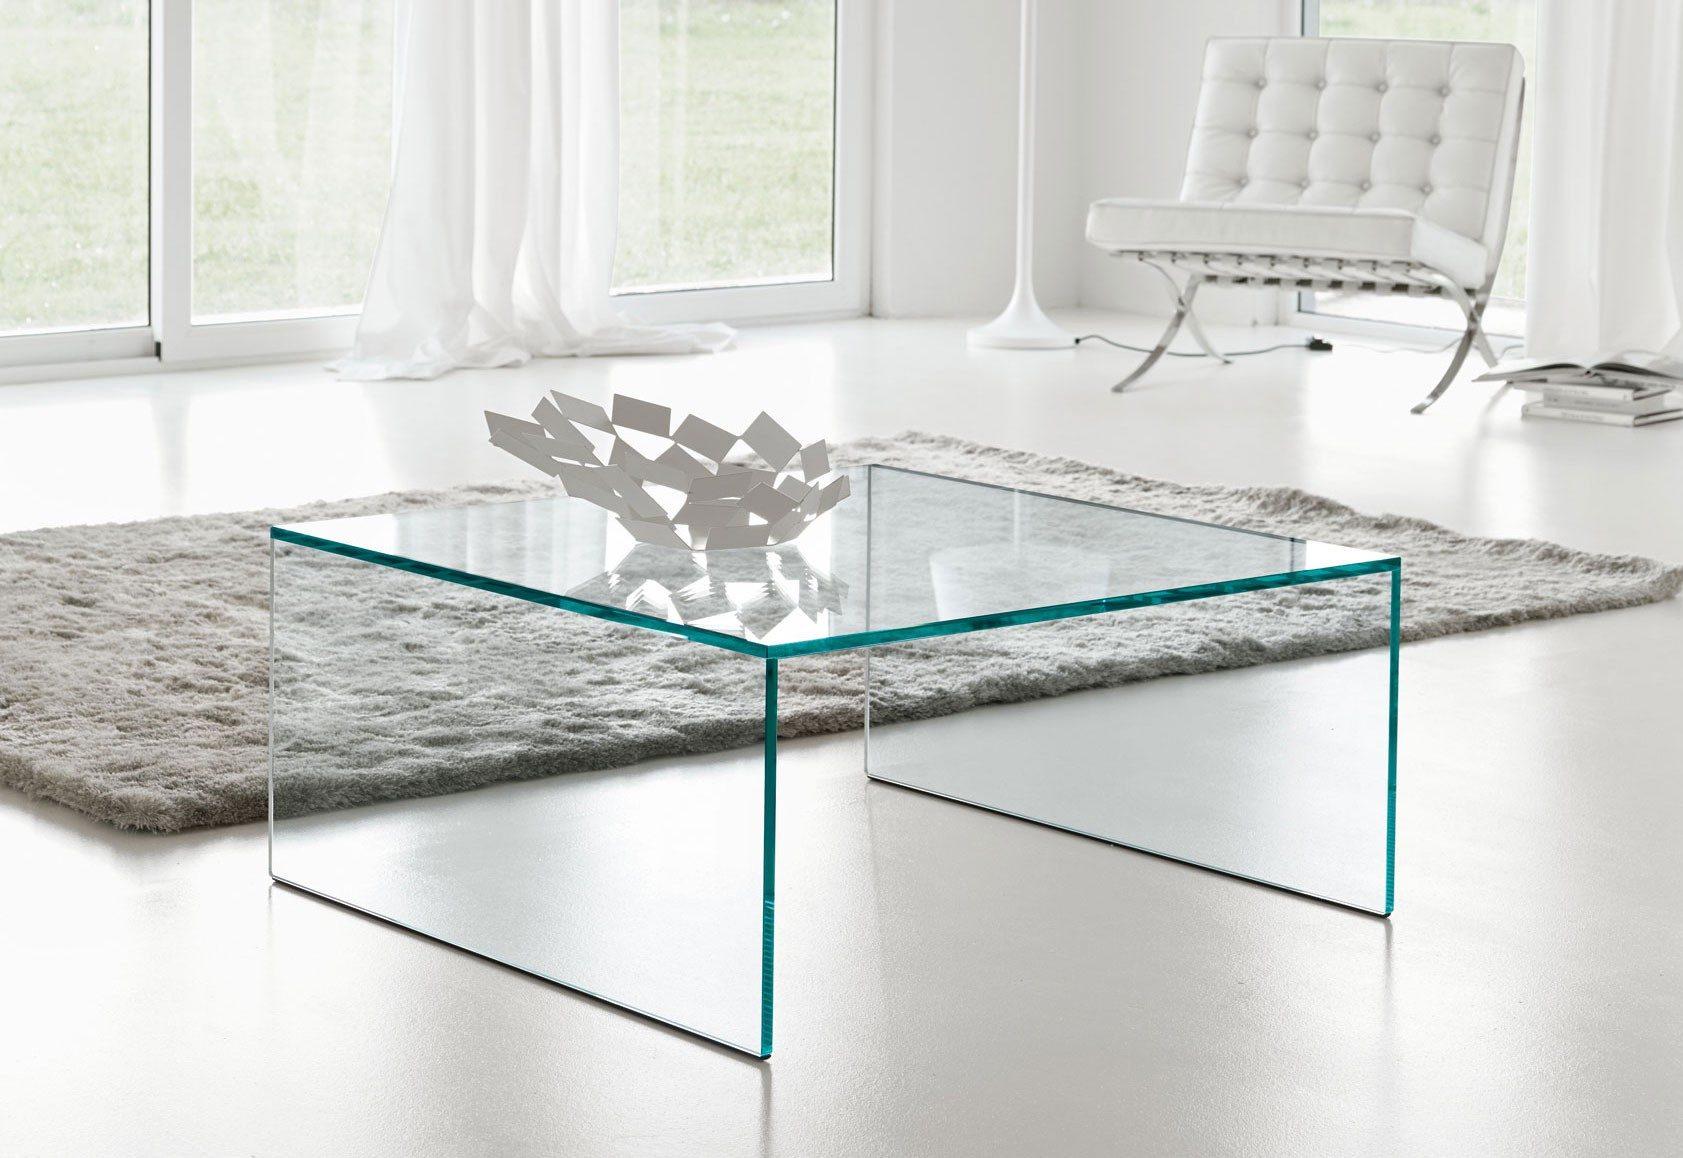 Glazen Tafel Op Maat.Glazen Salontafel Milano Op Maat Vierkant